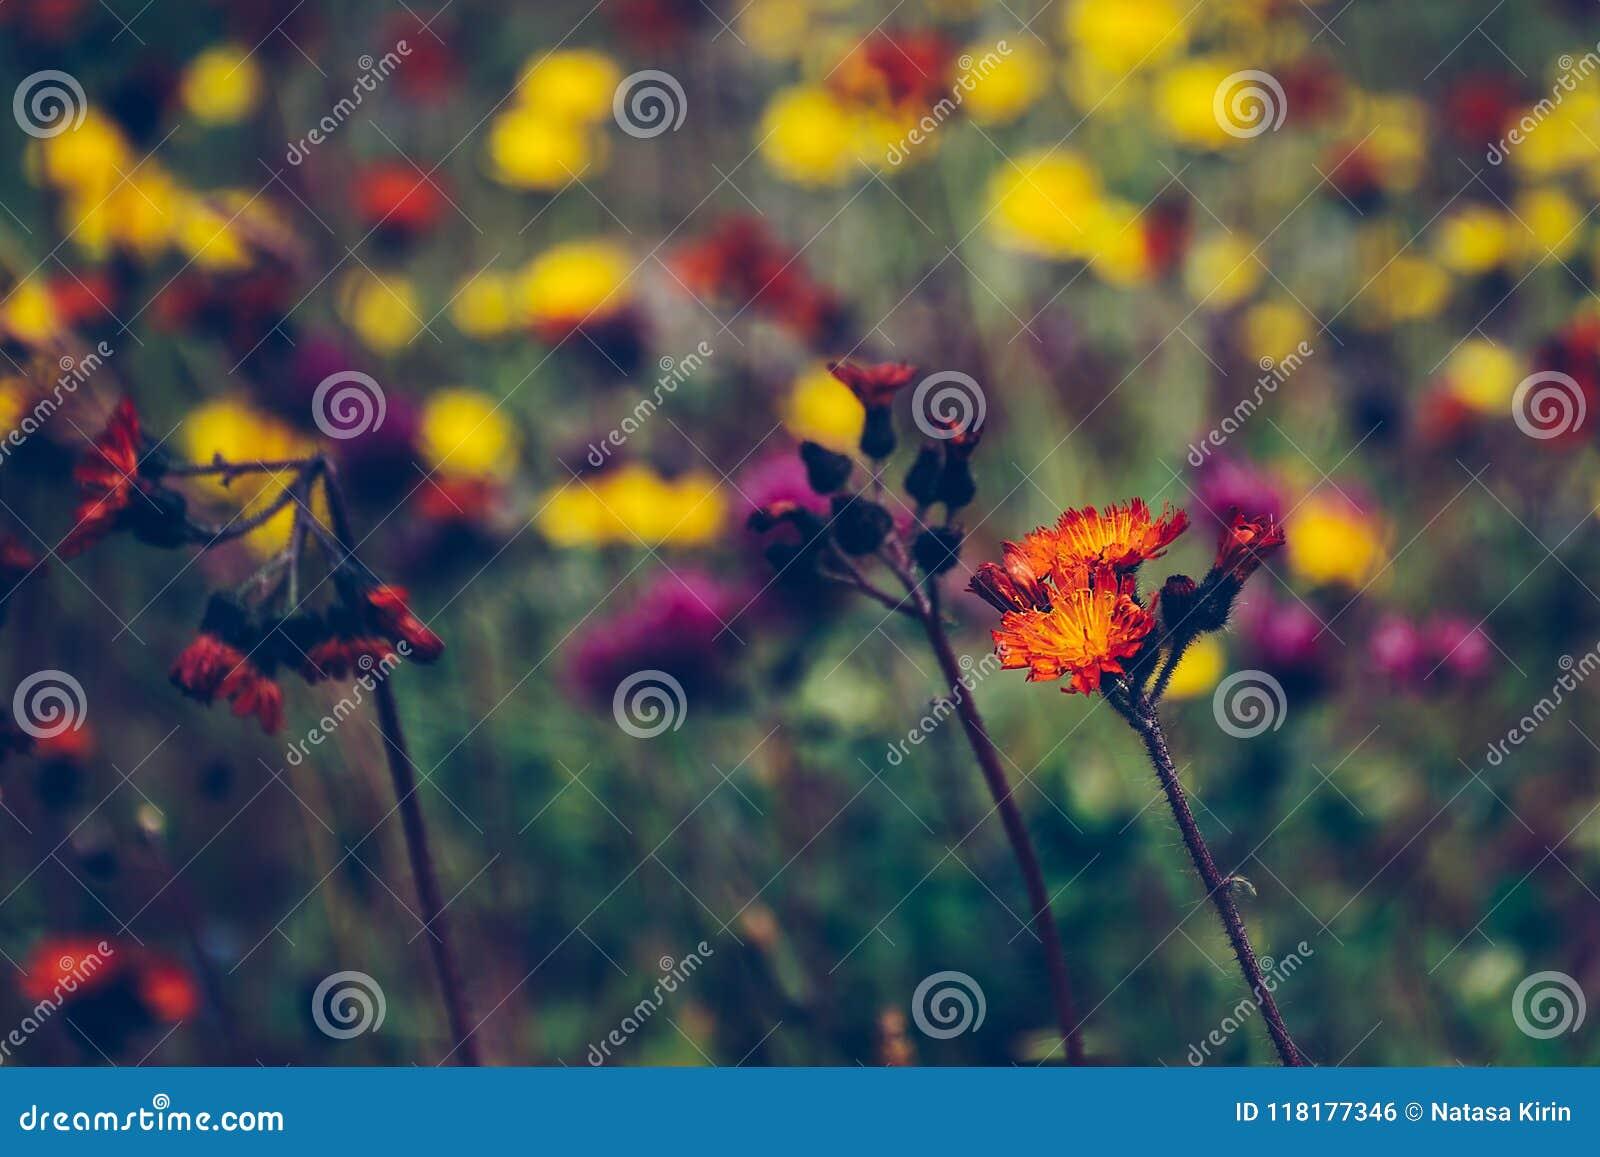 Orange vildblomma som står ut i ett suddigt fält av lösa blommor